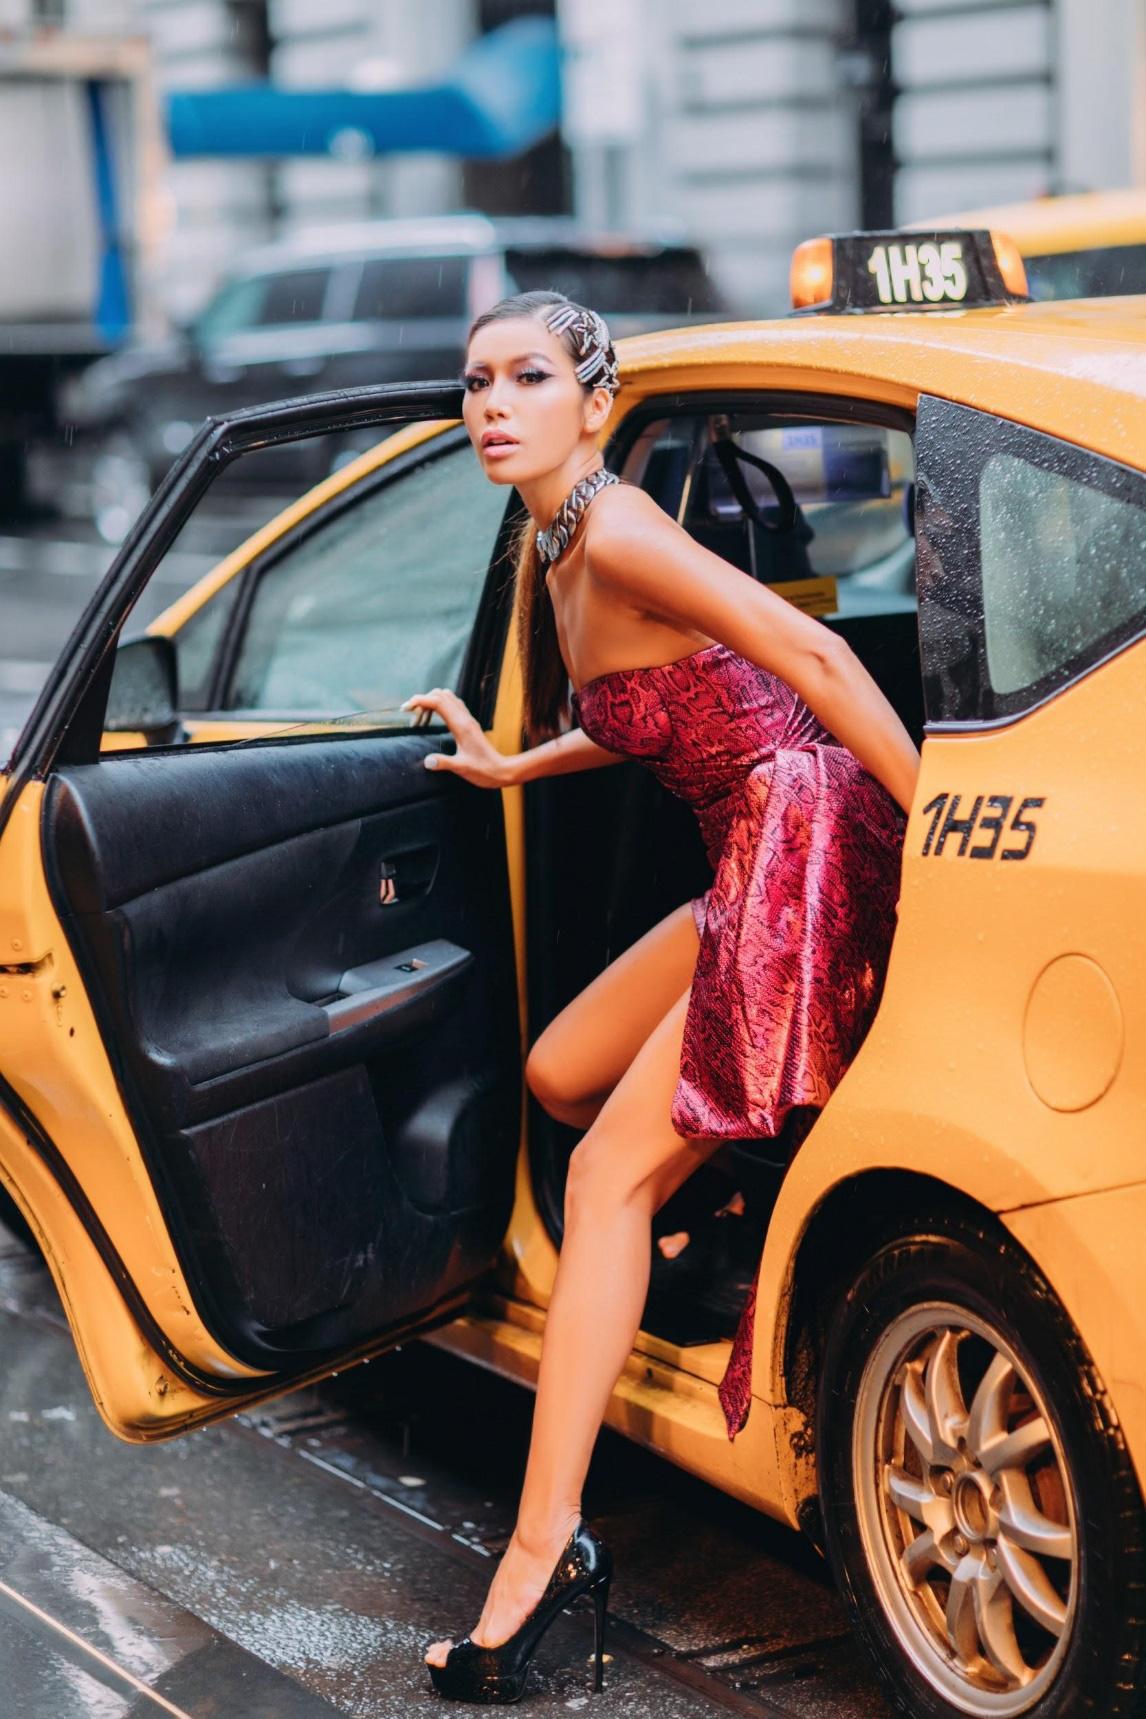 Mãn nhãn với loạt hairstyle đẳng cấp của Minh Tú trong lần tham dự New York Fashion Week Spring/Summer 2020 - Ảnh 3.